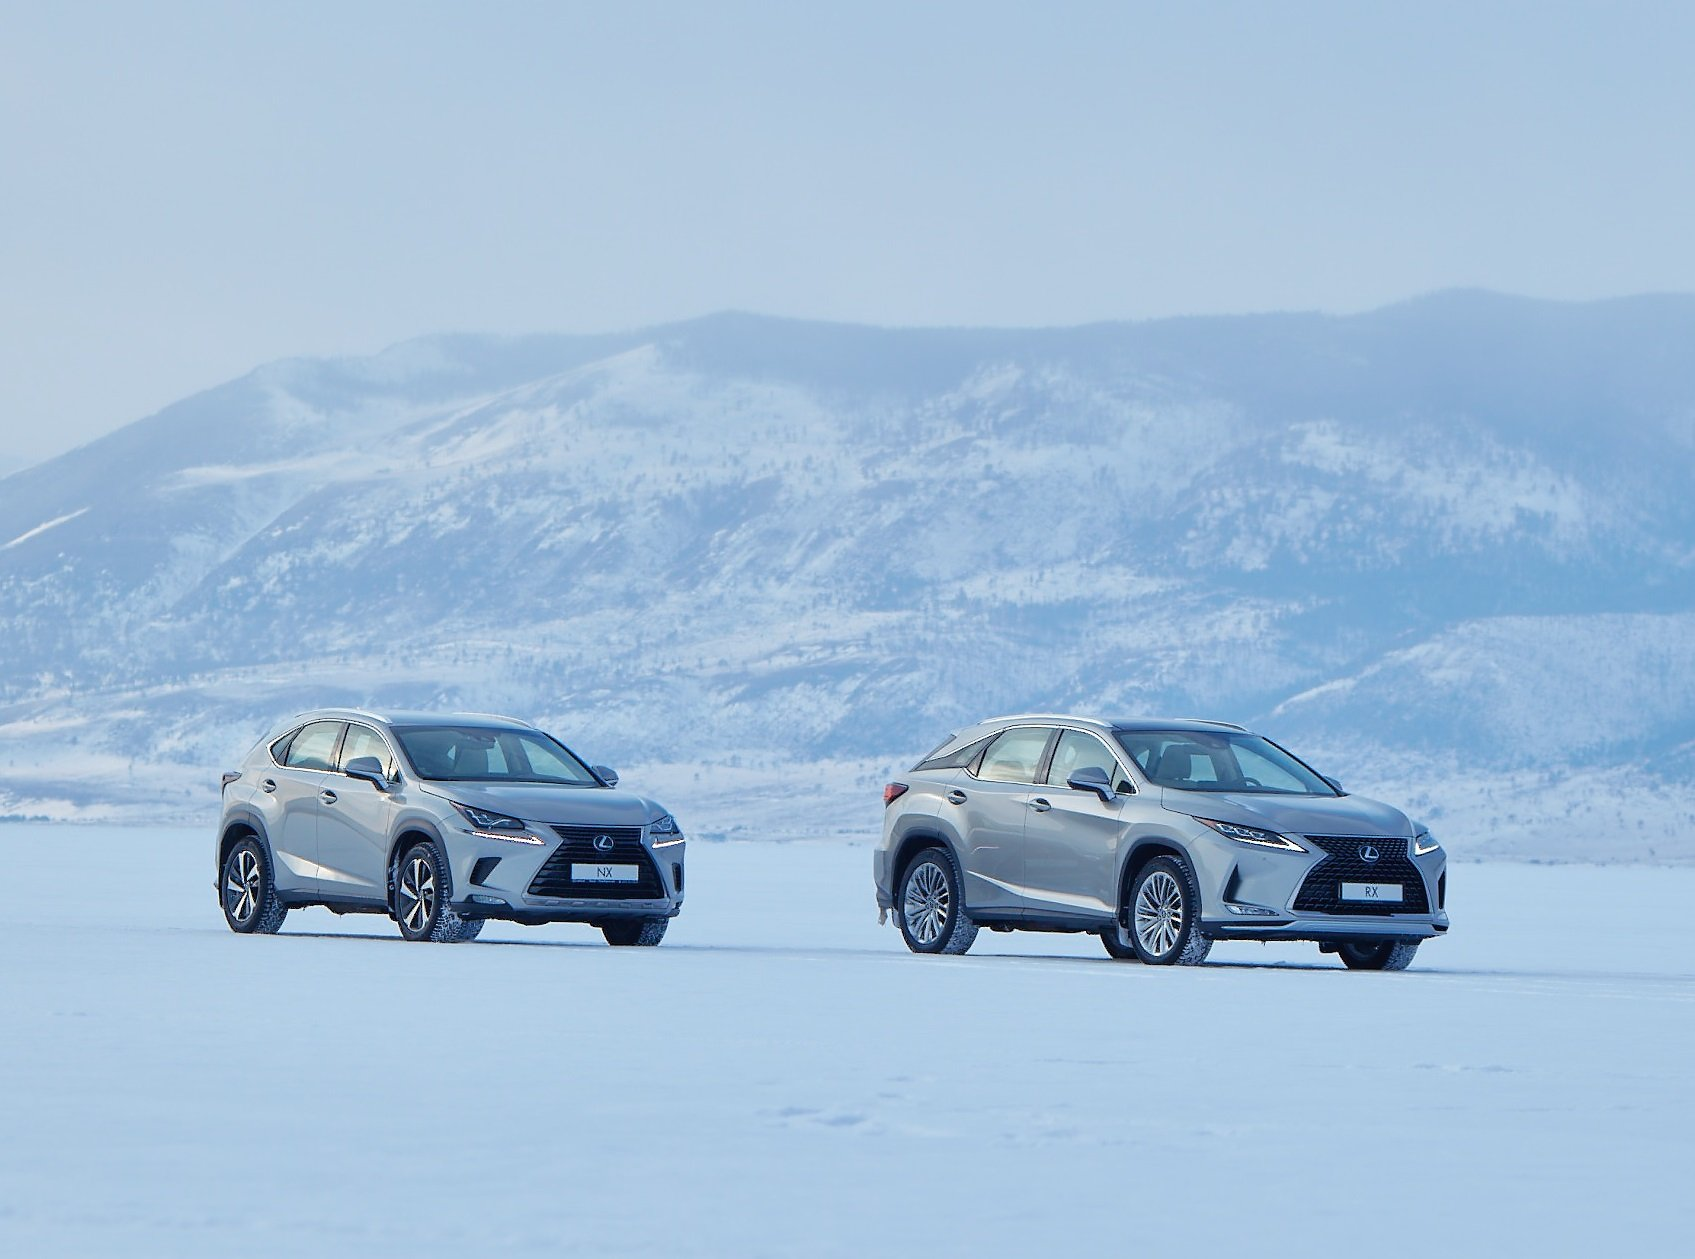 Кроссоверы Lexus стали доступнее в кредит